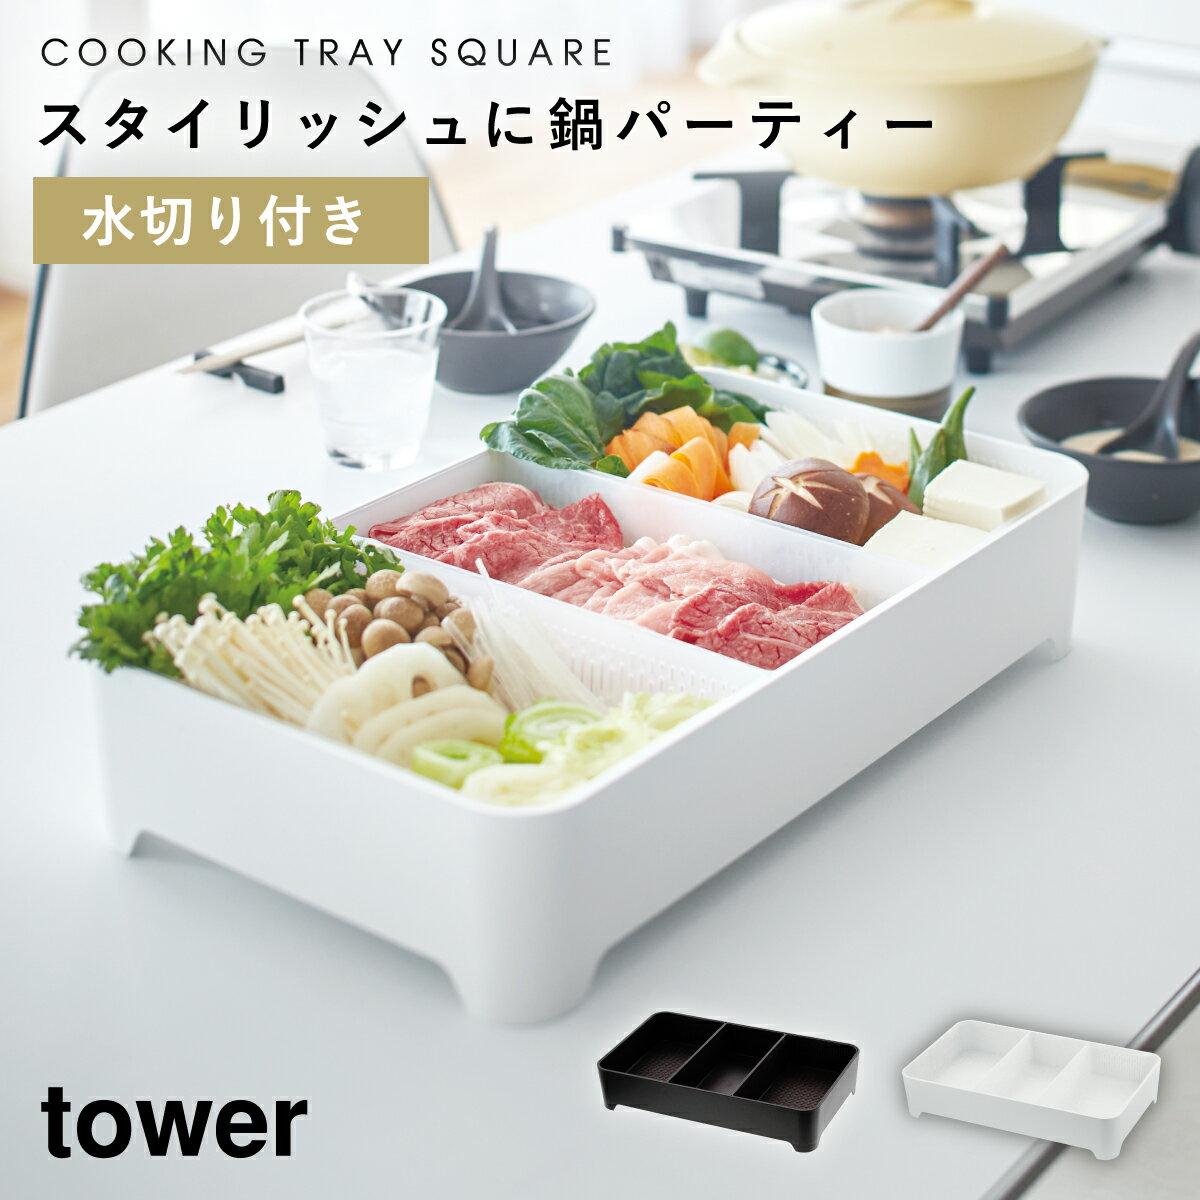 トレー 水切り 卓上水切りトレー タワー 白い 黒 tower 山崎実業